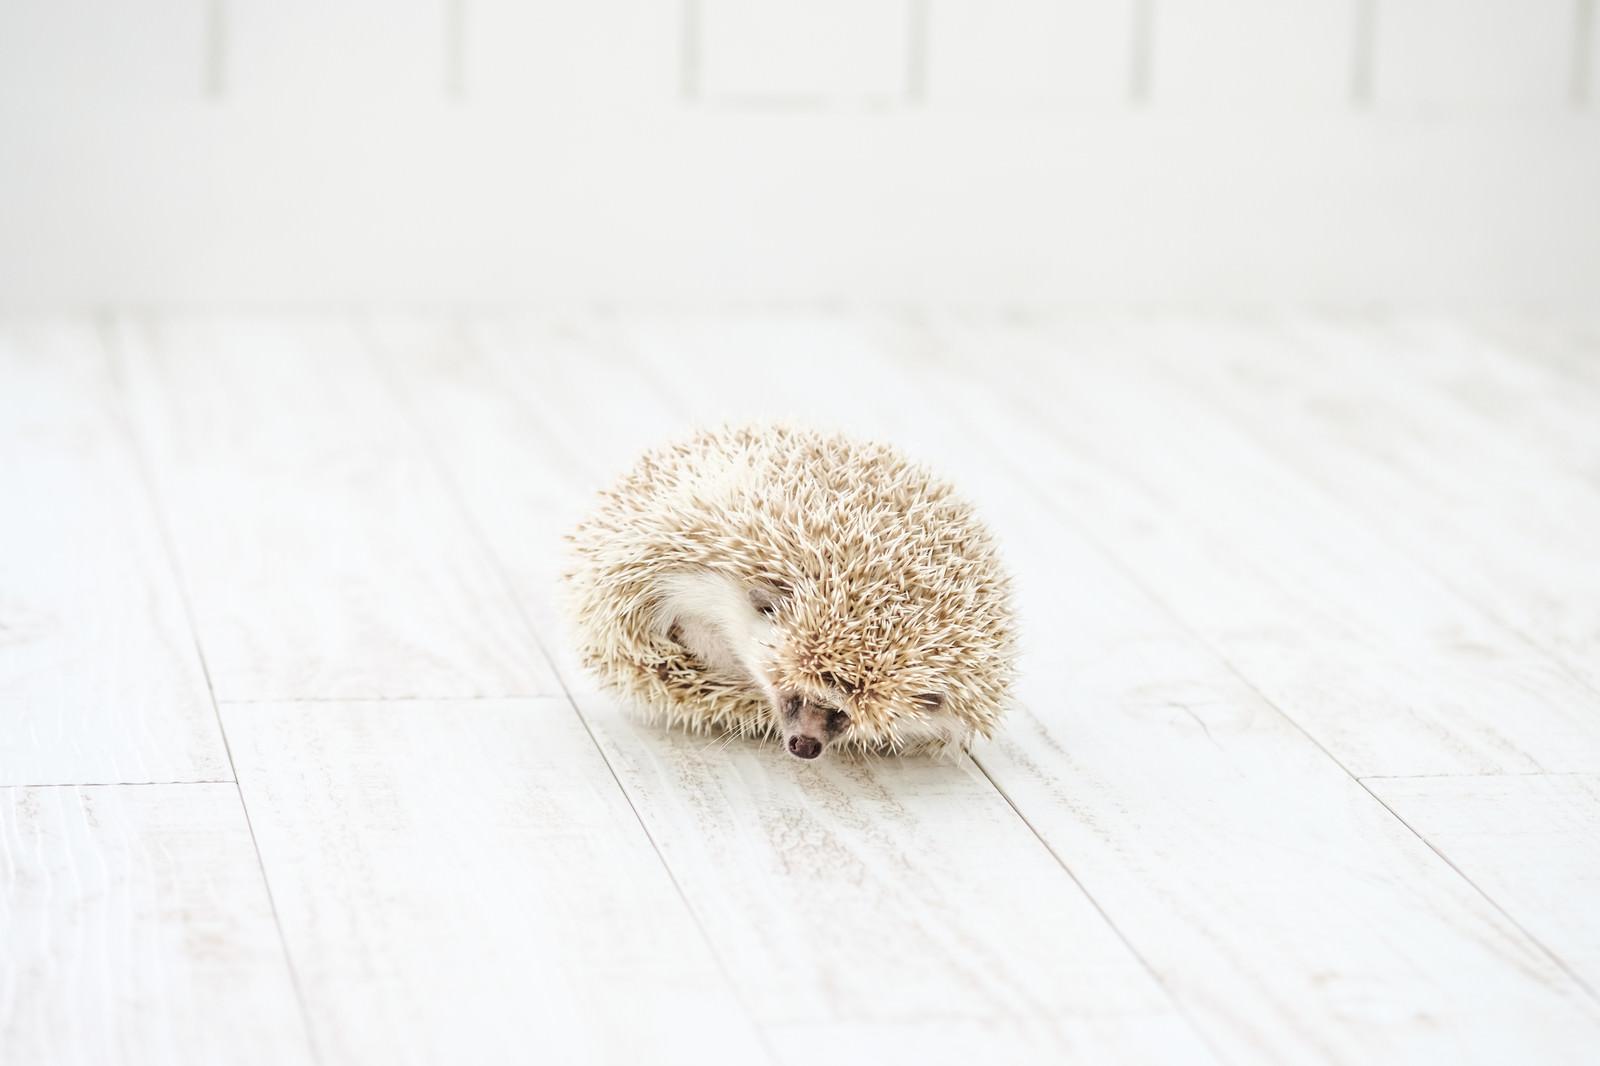 「丸くなる様子のハリネズミ」の写真[モデル:ハリネズミ]